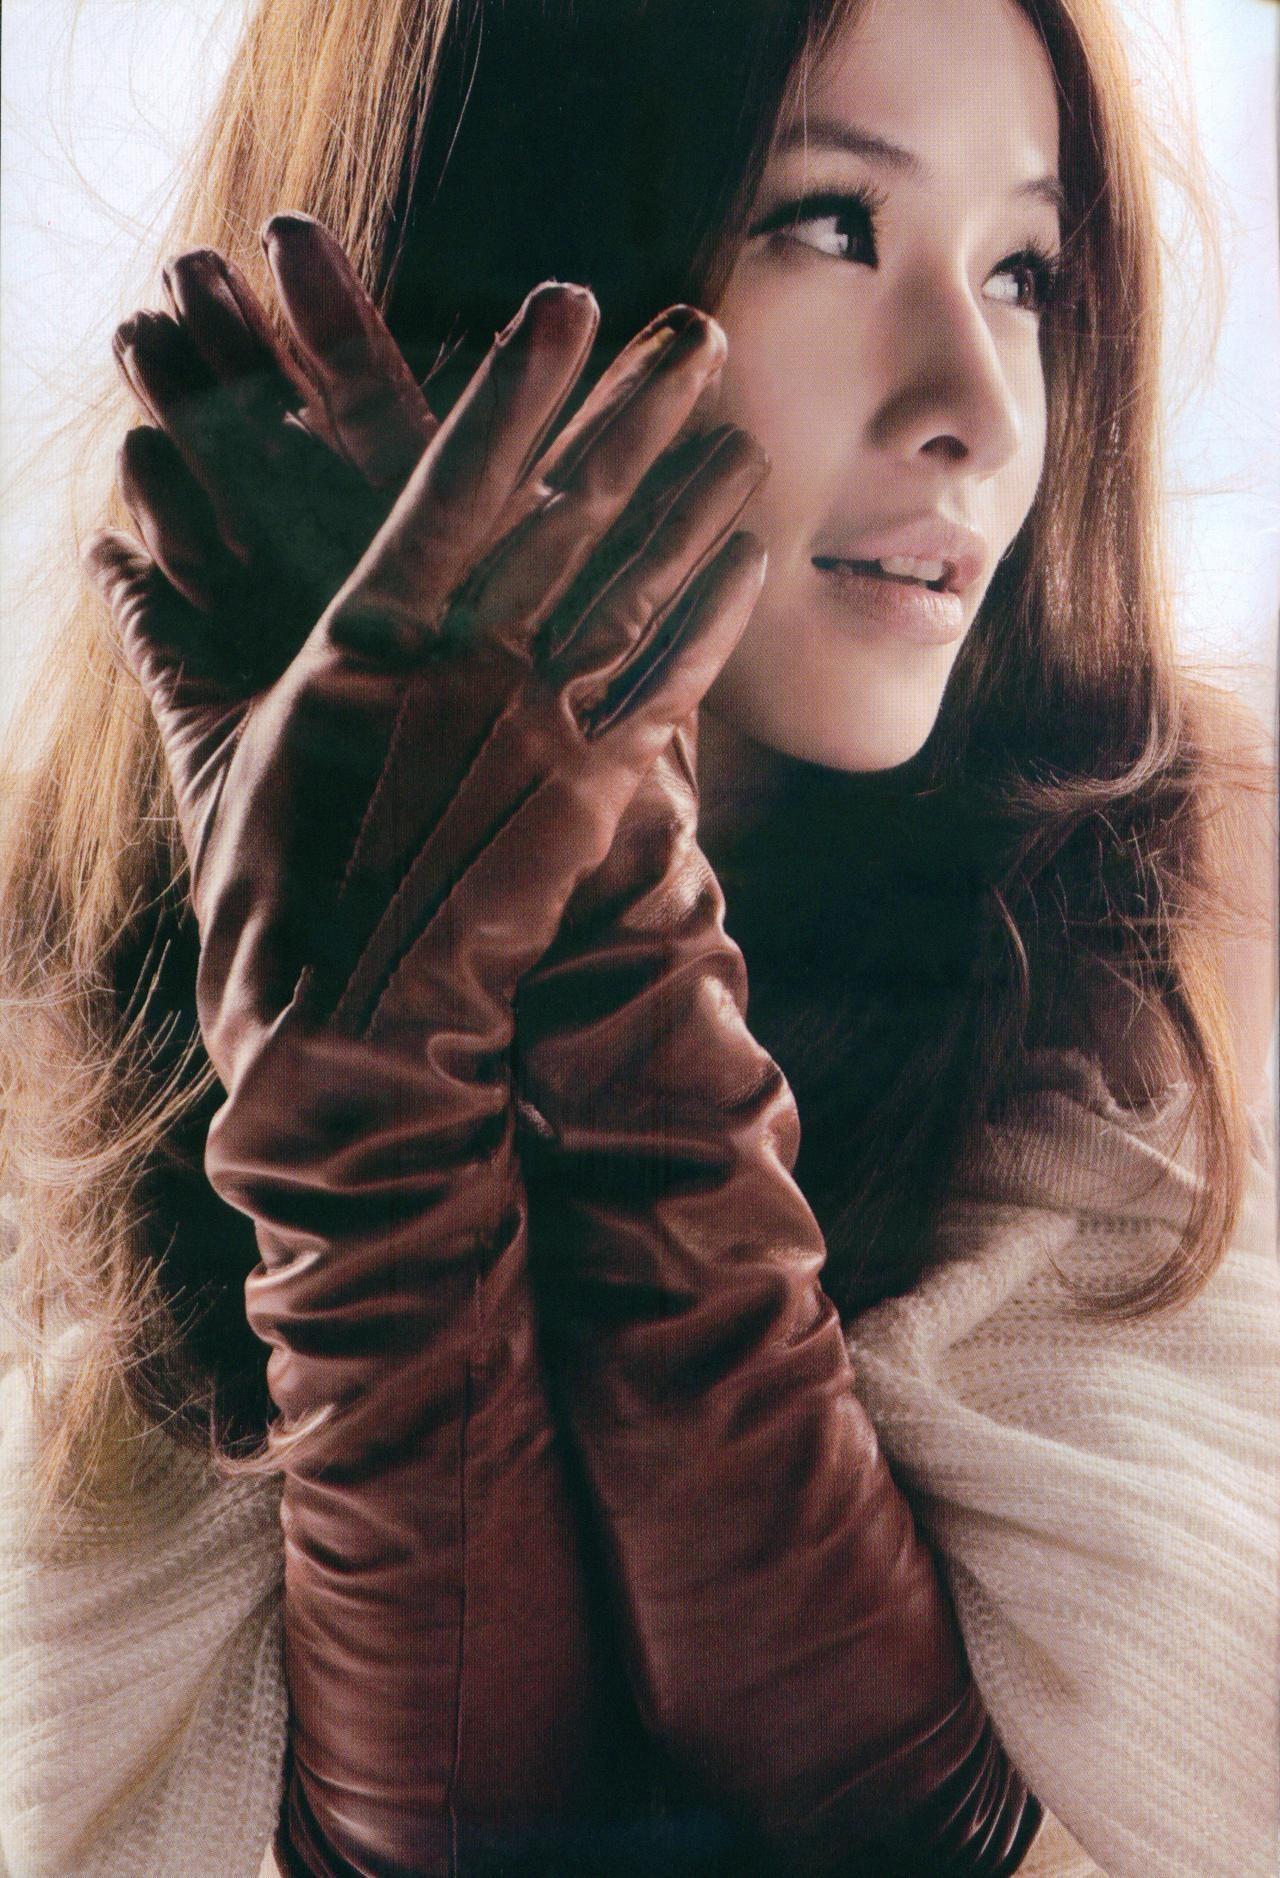 Ladies long vintage leather gloves -  Brown Long Leather Gloves Asian Model Gloves Gloves Fashion Nice Www